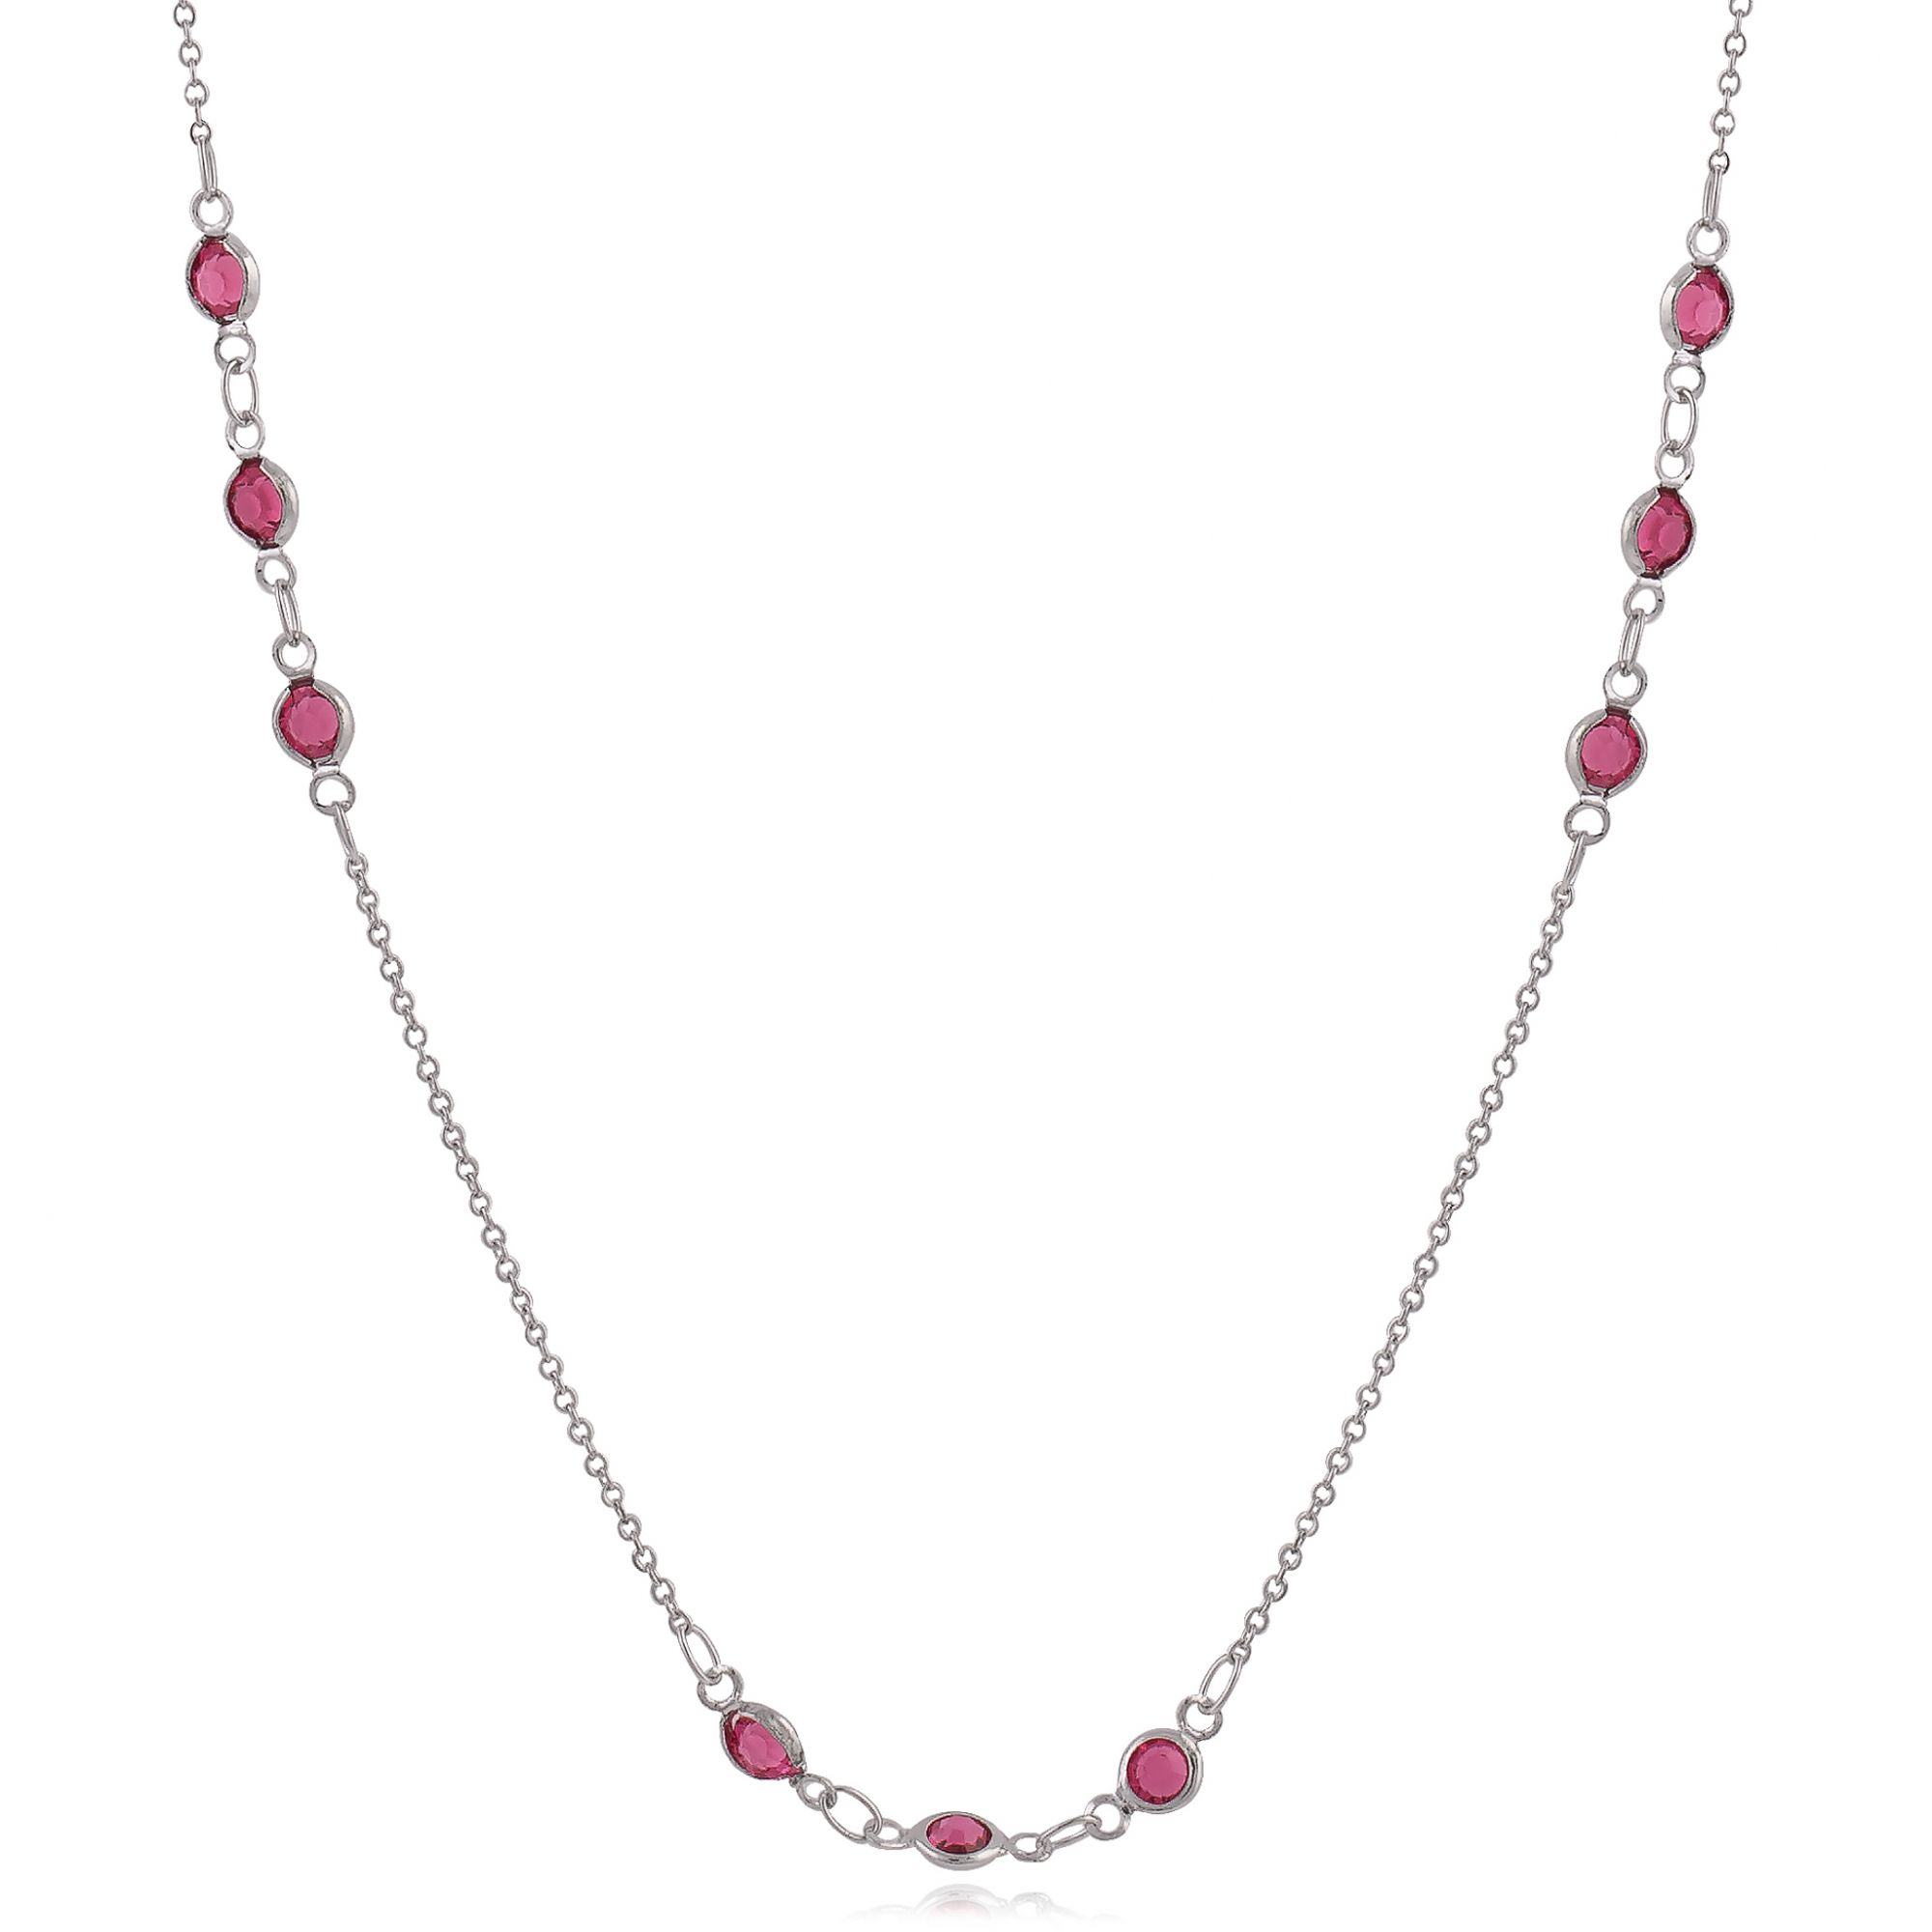 Colar com cristais rubis banho de ródio branco.  - romabrazil.com.br